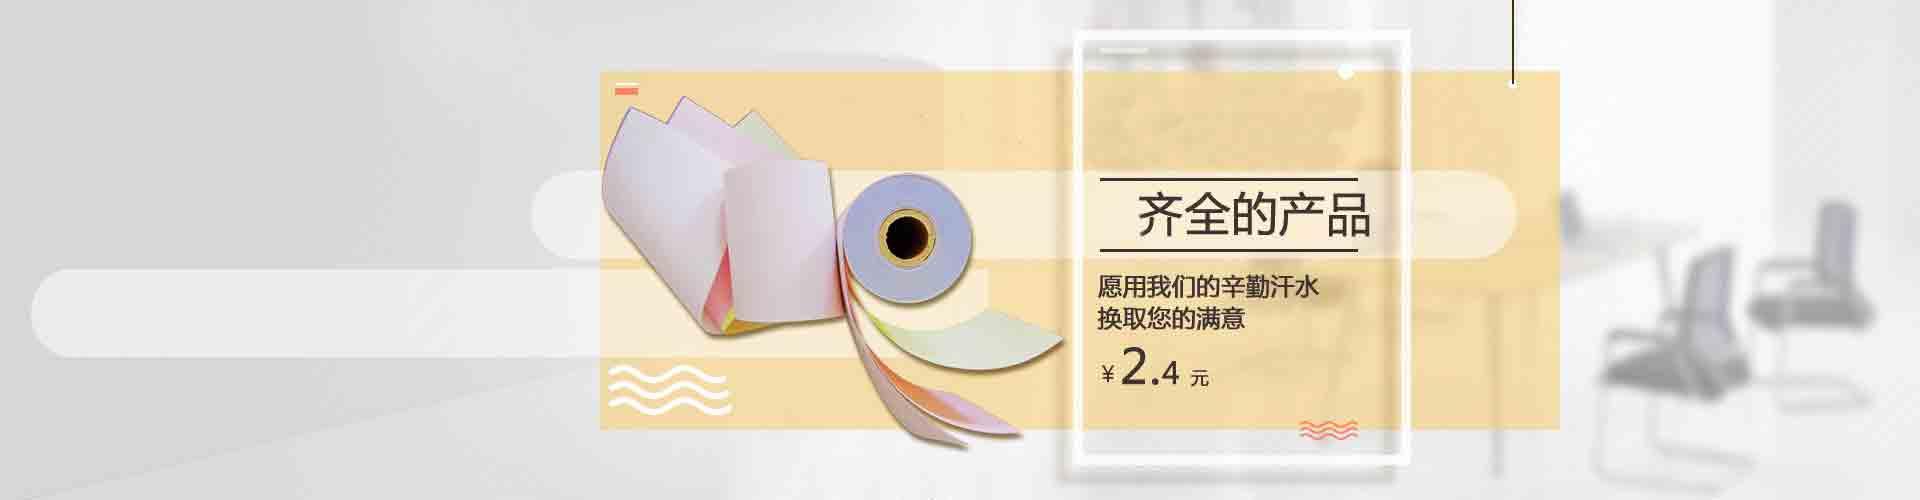 陕西复印纸规格